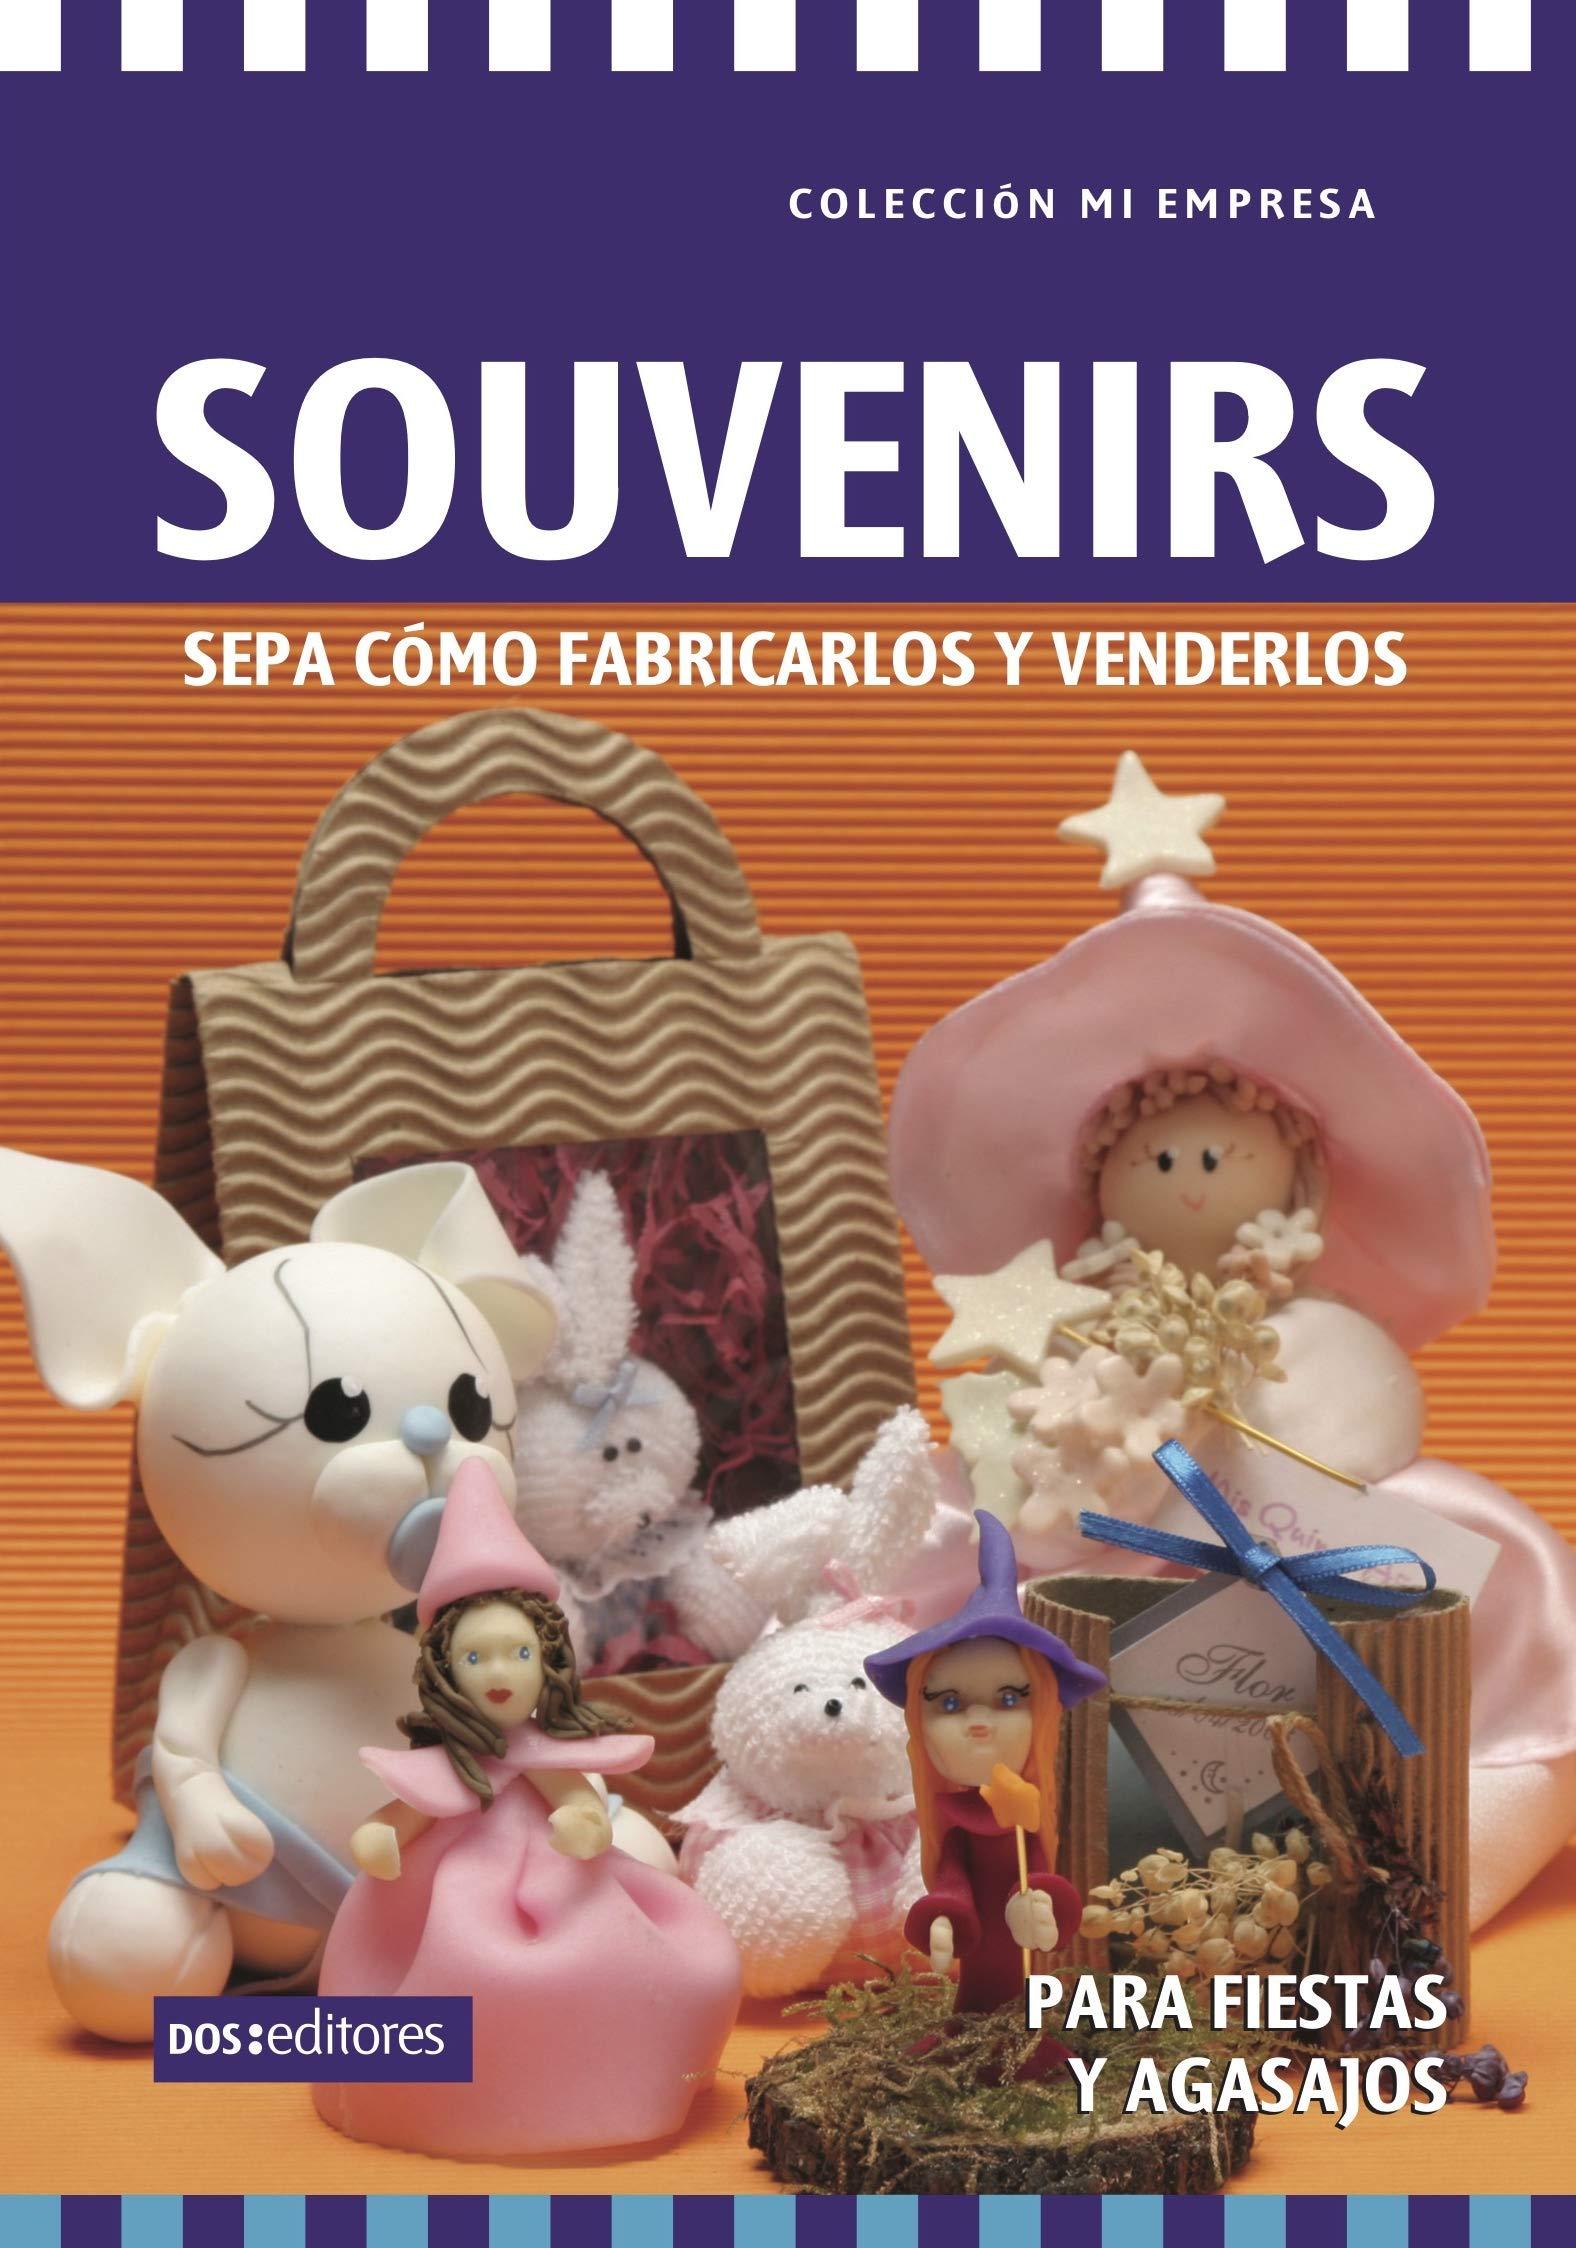 SOUVENIRS: sepa cómo fabricarlos y venderlos (Spanish Edition)